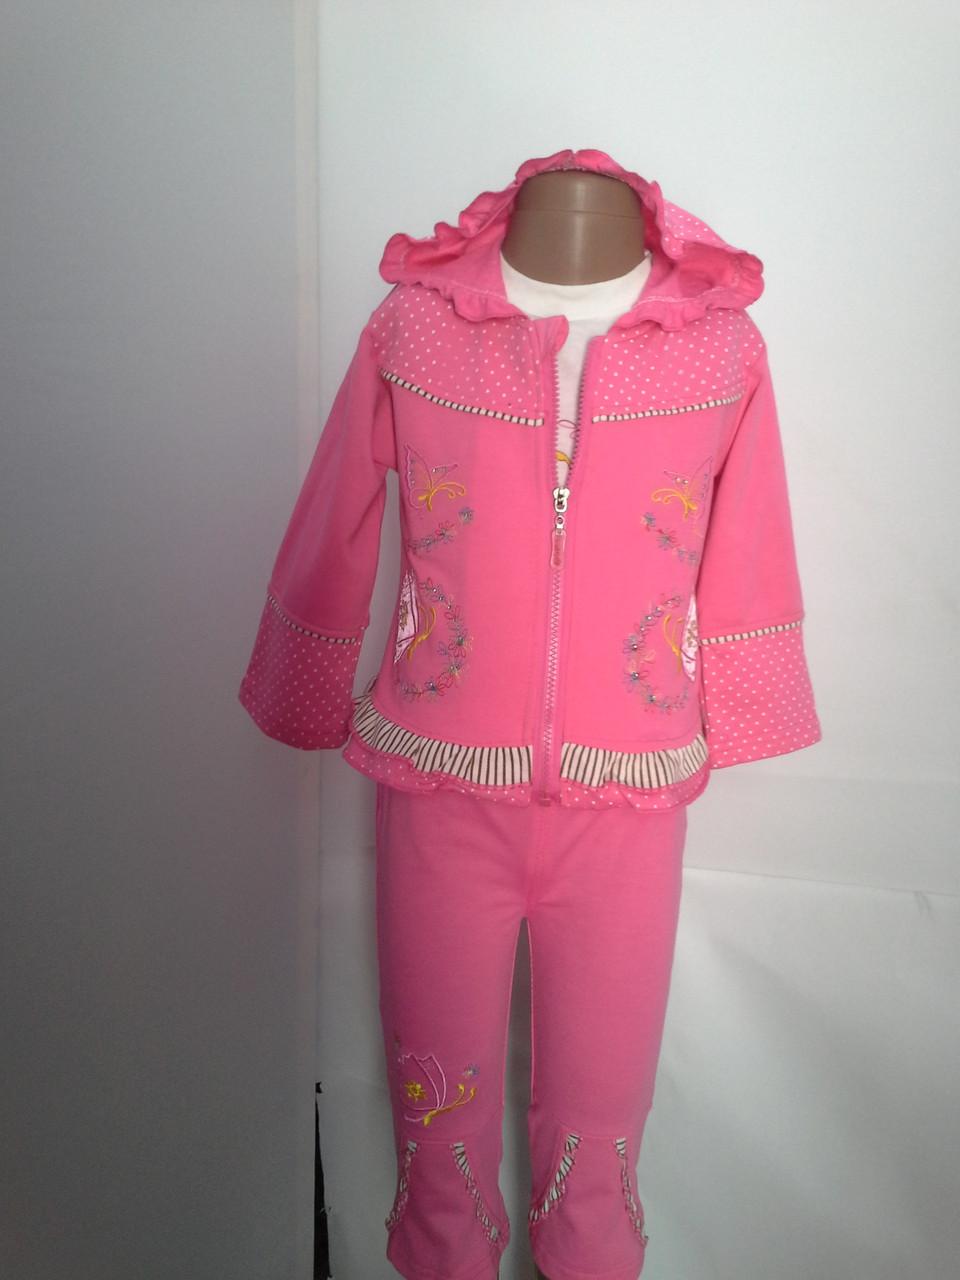 d61a150b58c5 Трикотажный костюм-тройка оптом и в розницу  продажа, цена в Хмельницком.  от